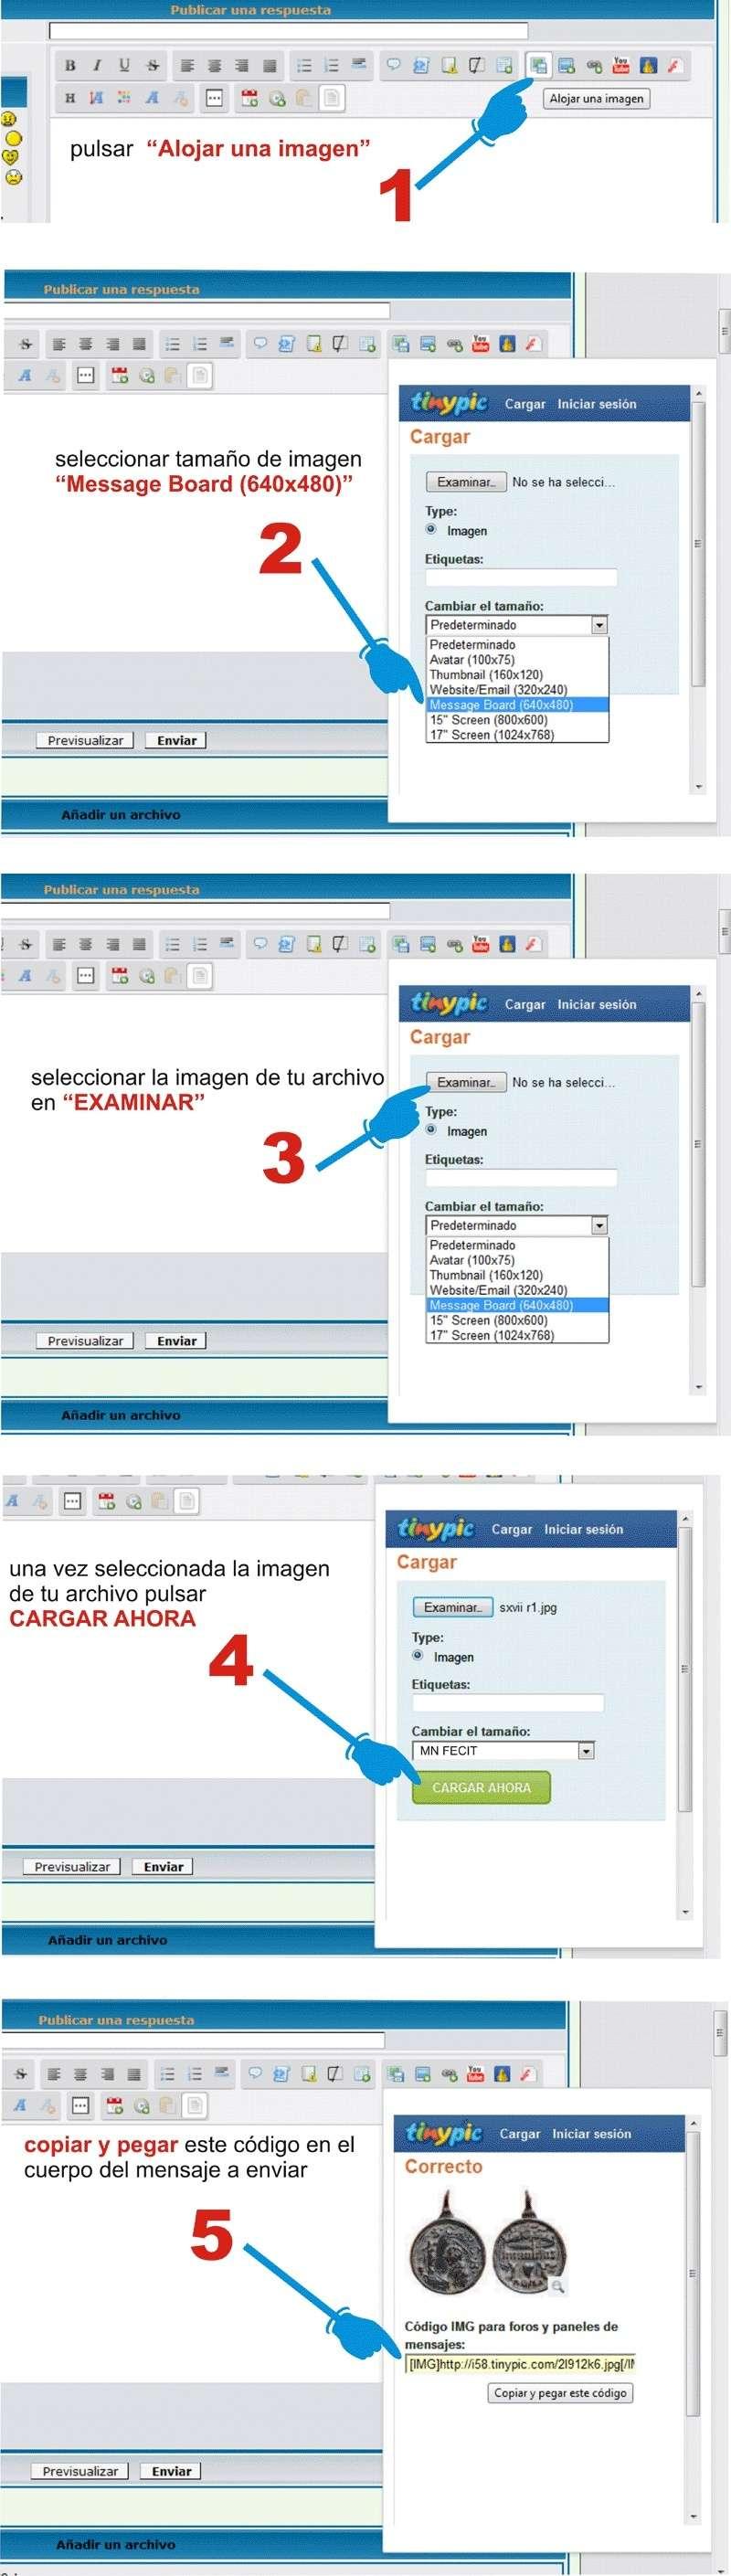 Para subir imagenes en los mensajes - Página 2 Imagen11